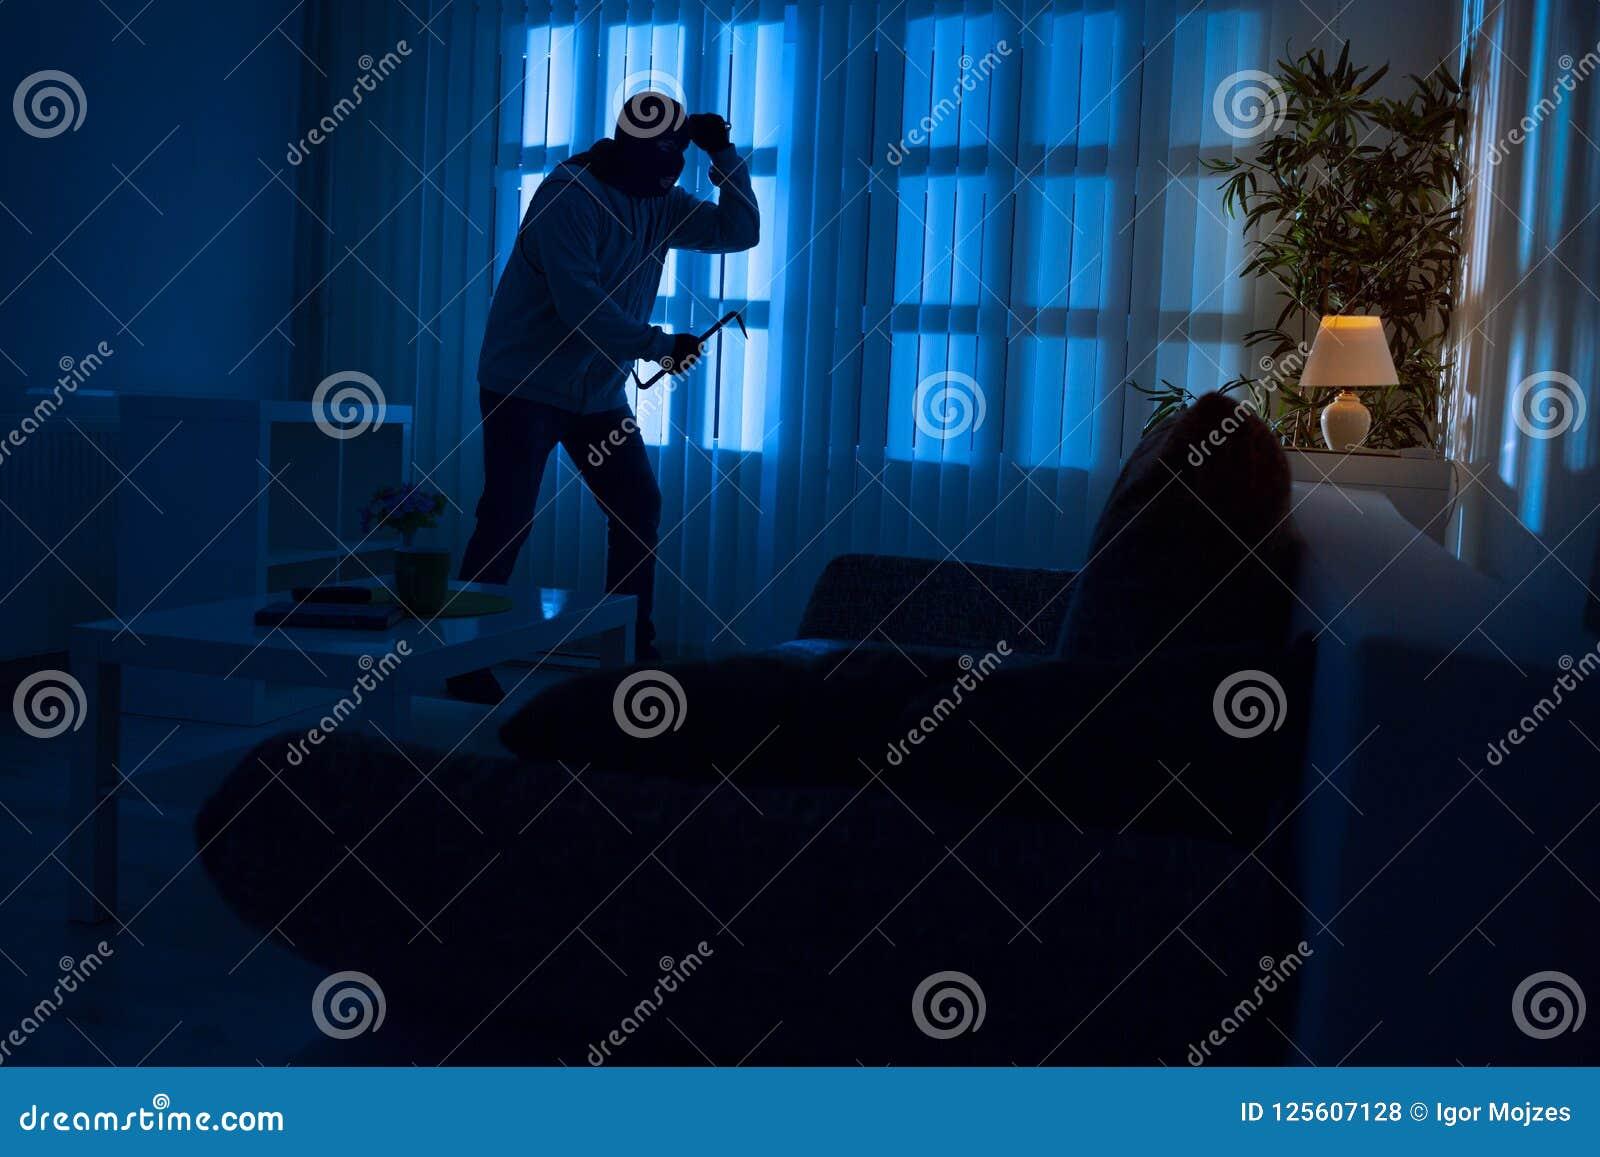 Burglary in home